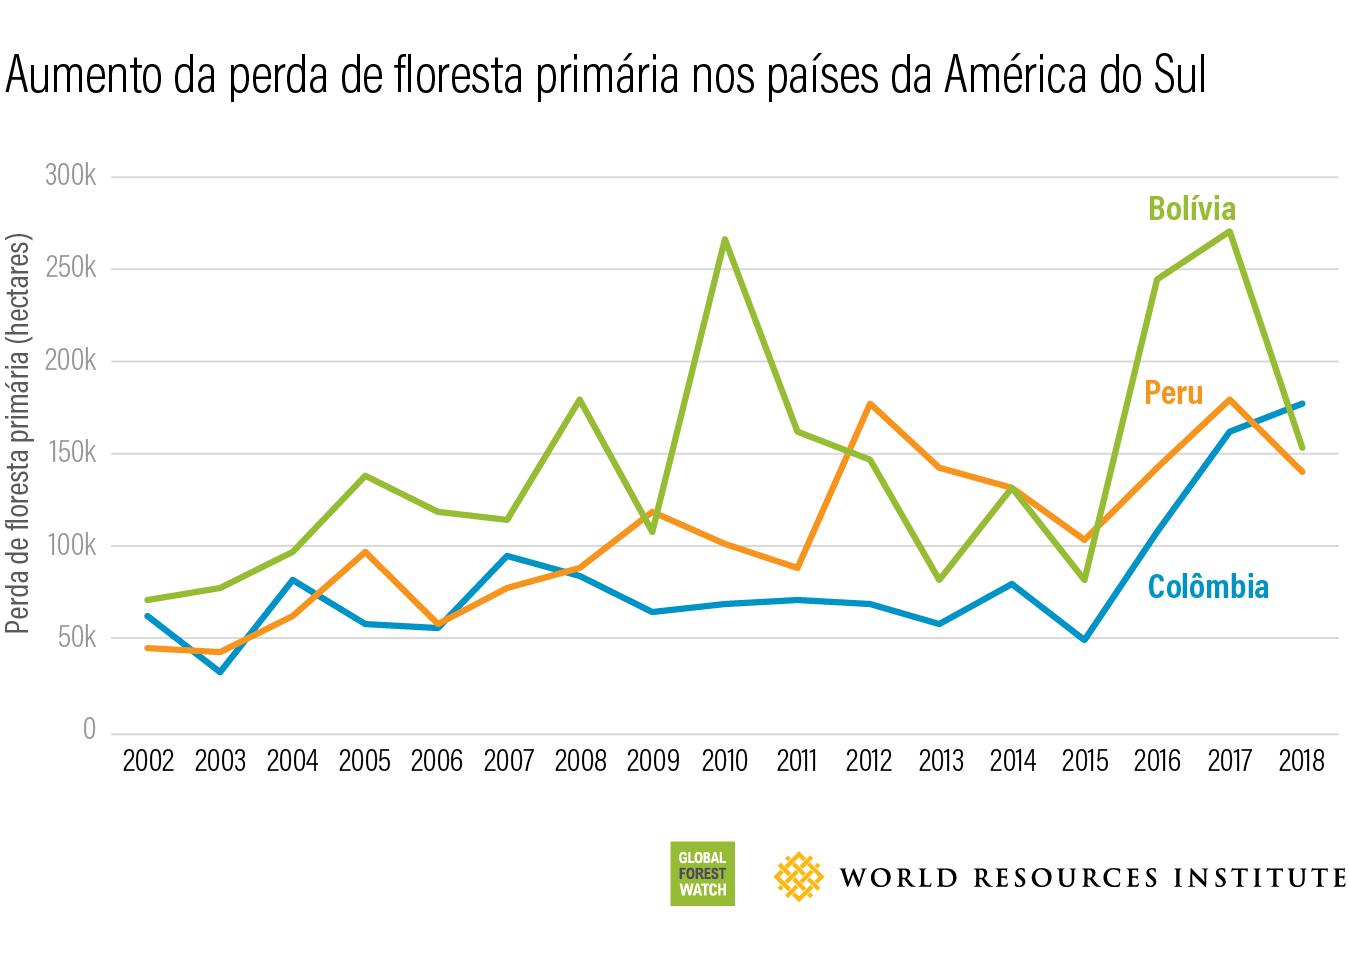 Aumento da perda de floresta primaria nos paises da america do sul